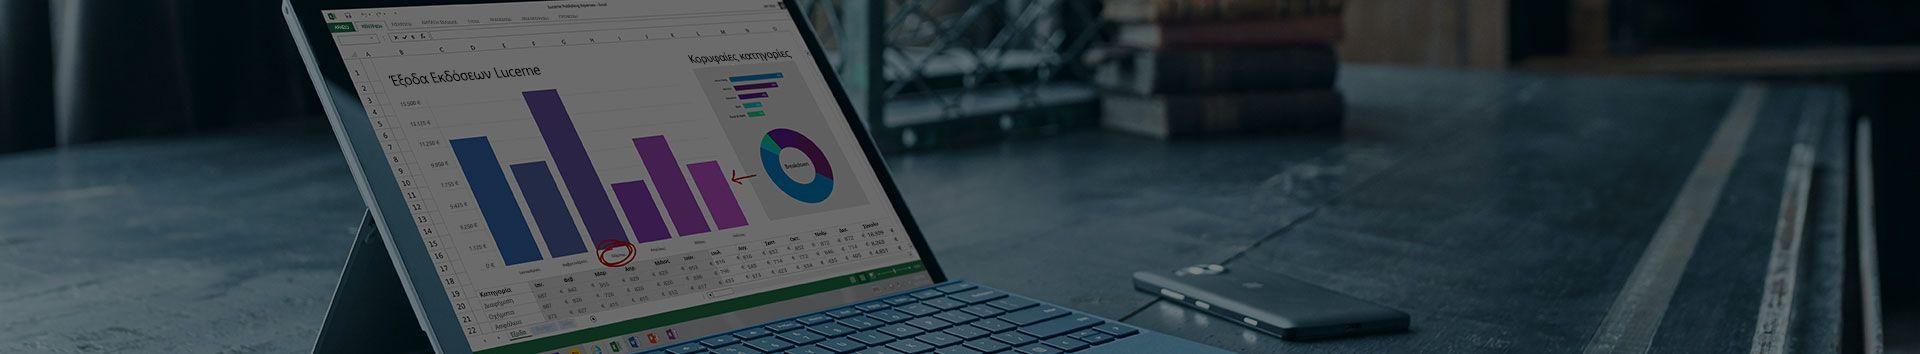 Ένα tablet Microsoft Surface στο οποίο εμφανίζεται μια αναφορά εξόδων στο Microsoft Excel